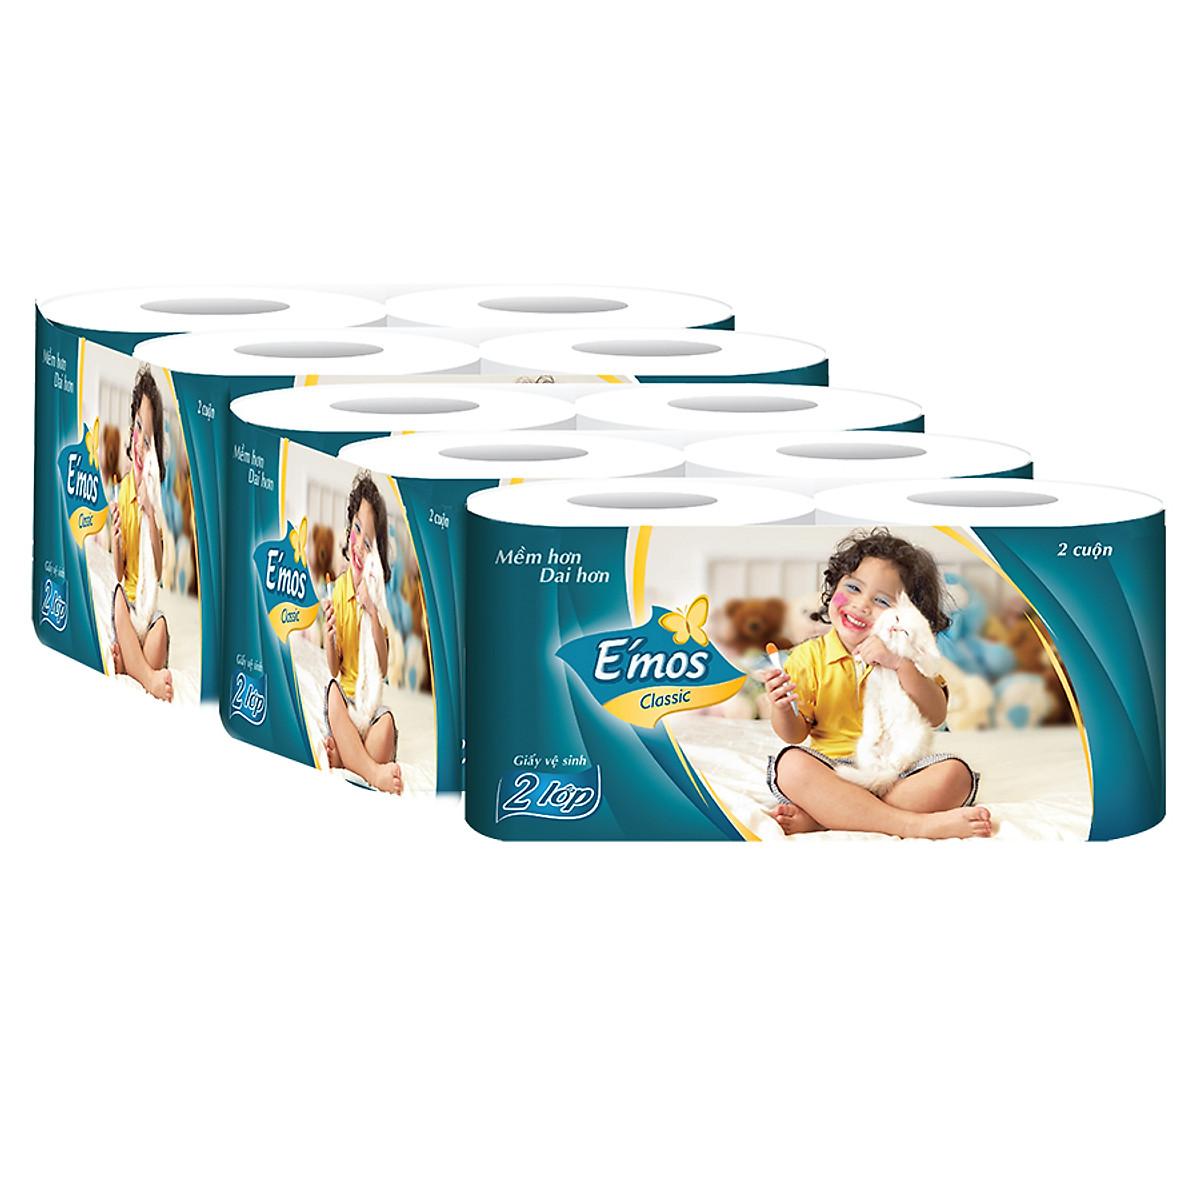 1 lốc 10 cuộn giấy vệ sinh E'mos màu xanh,cực rẻ ,mịn,đẹp